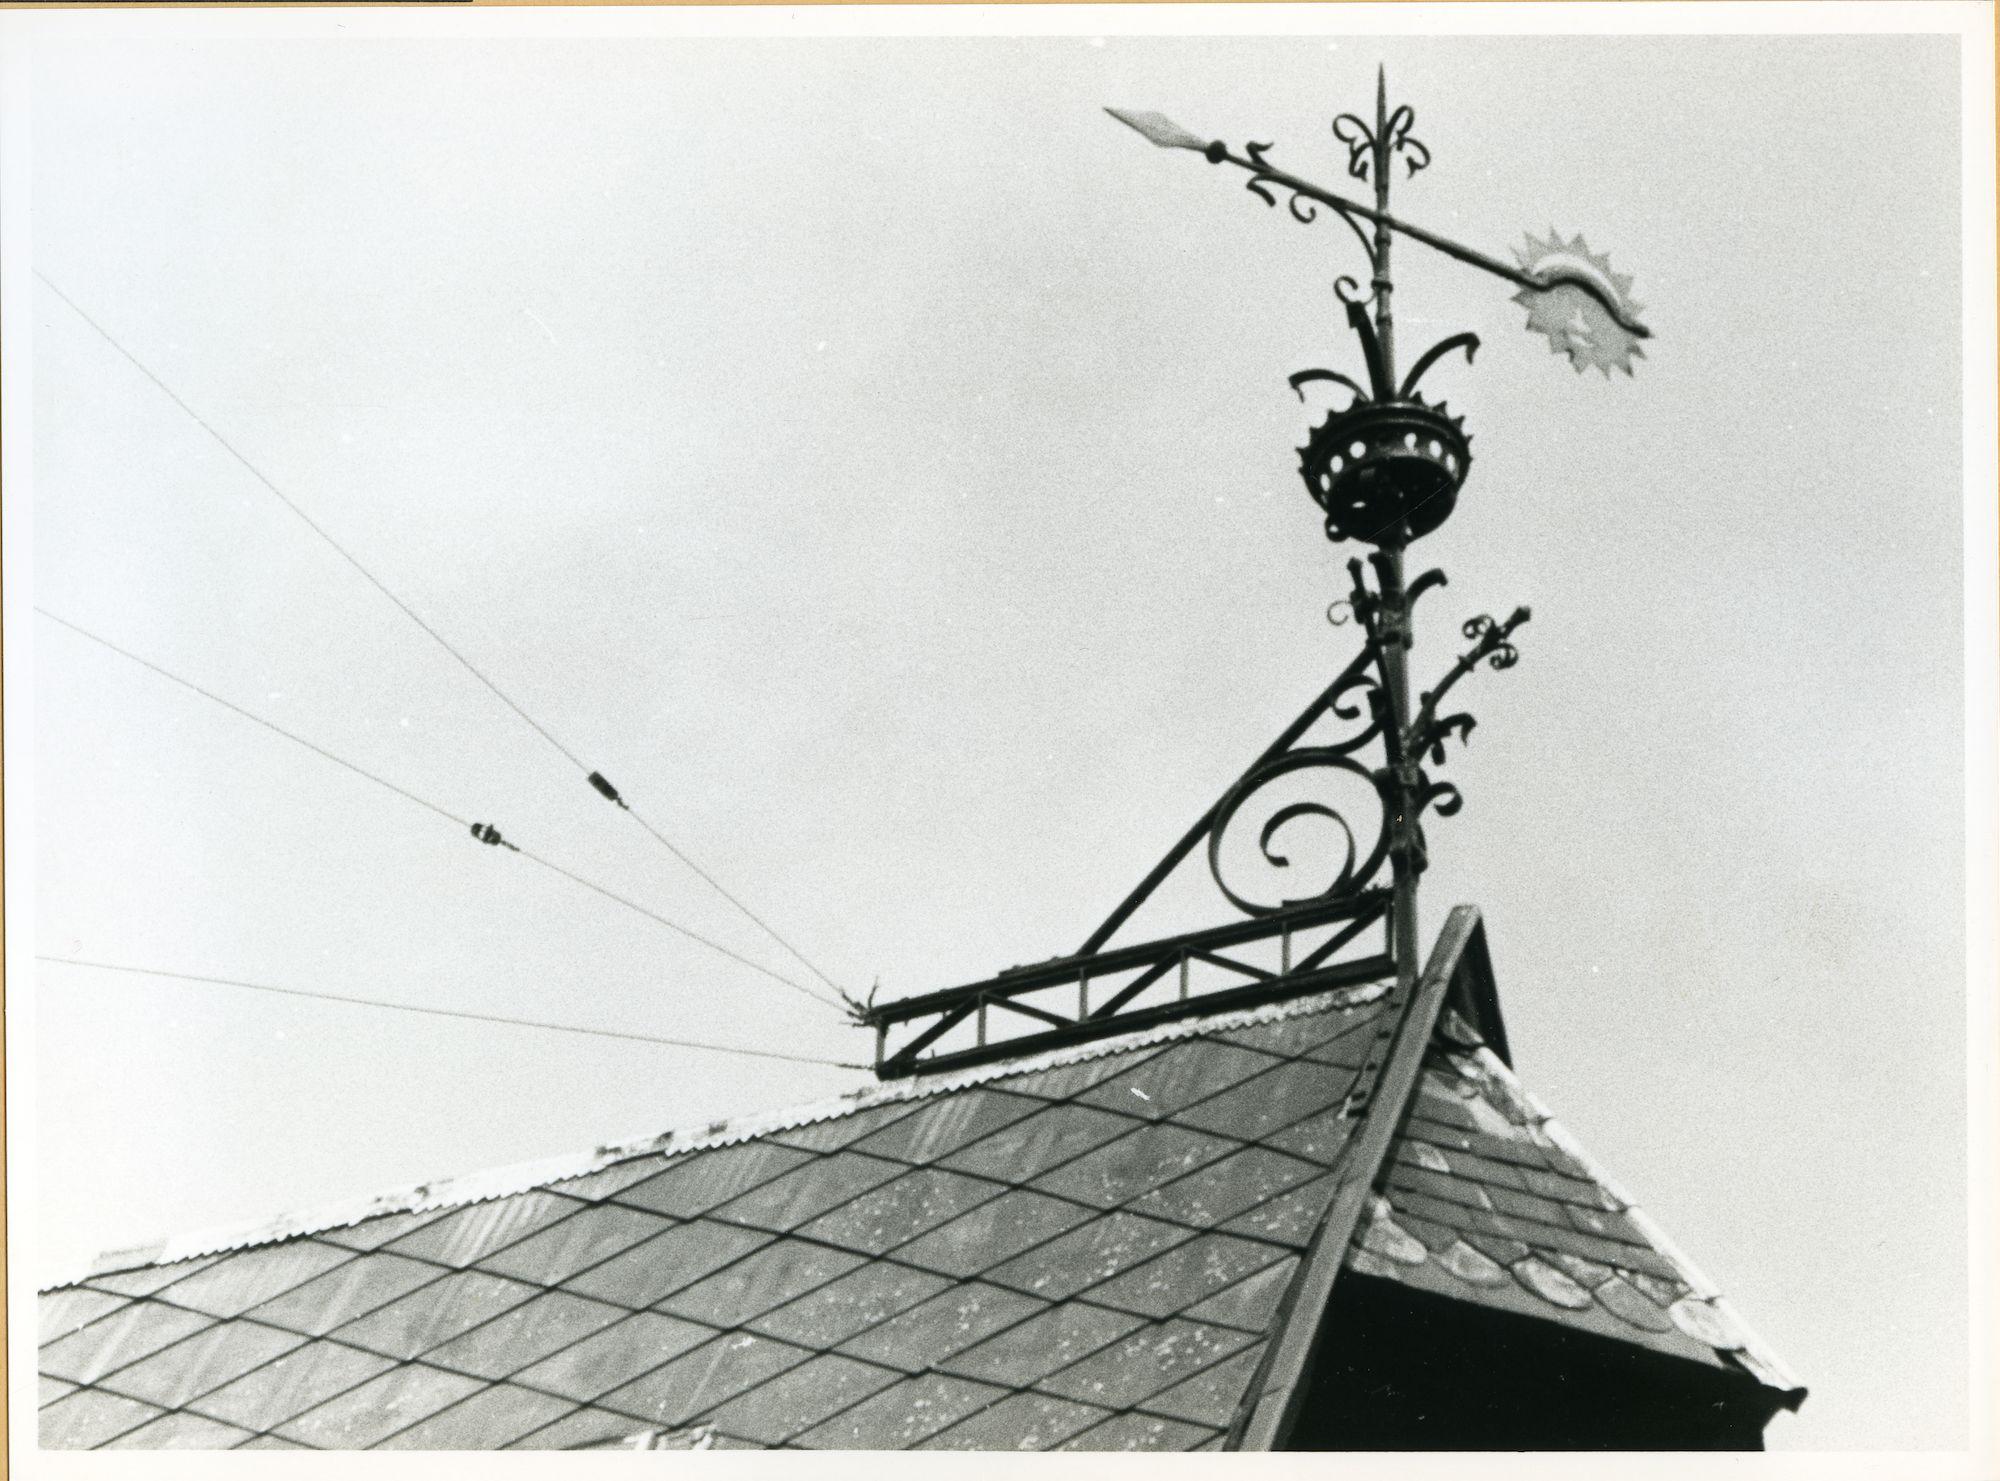 Gent: Parklaan 52: Windwijzer, 1979